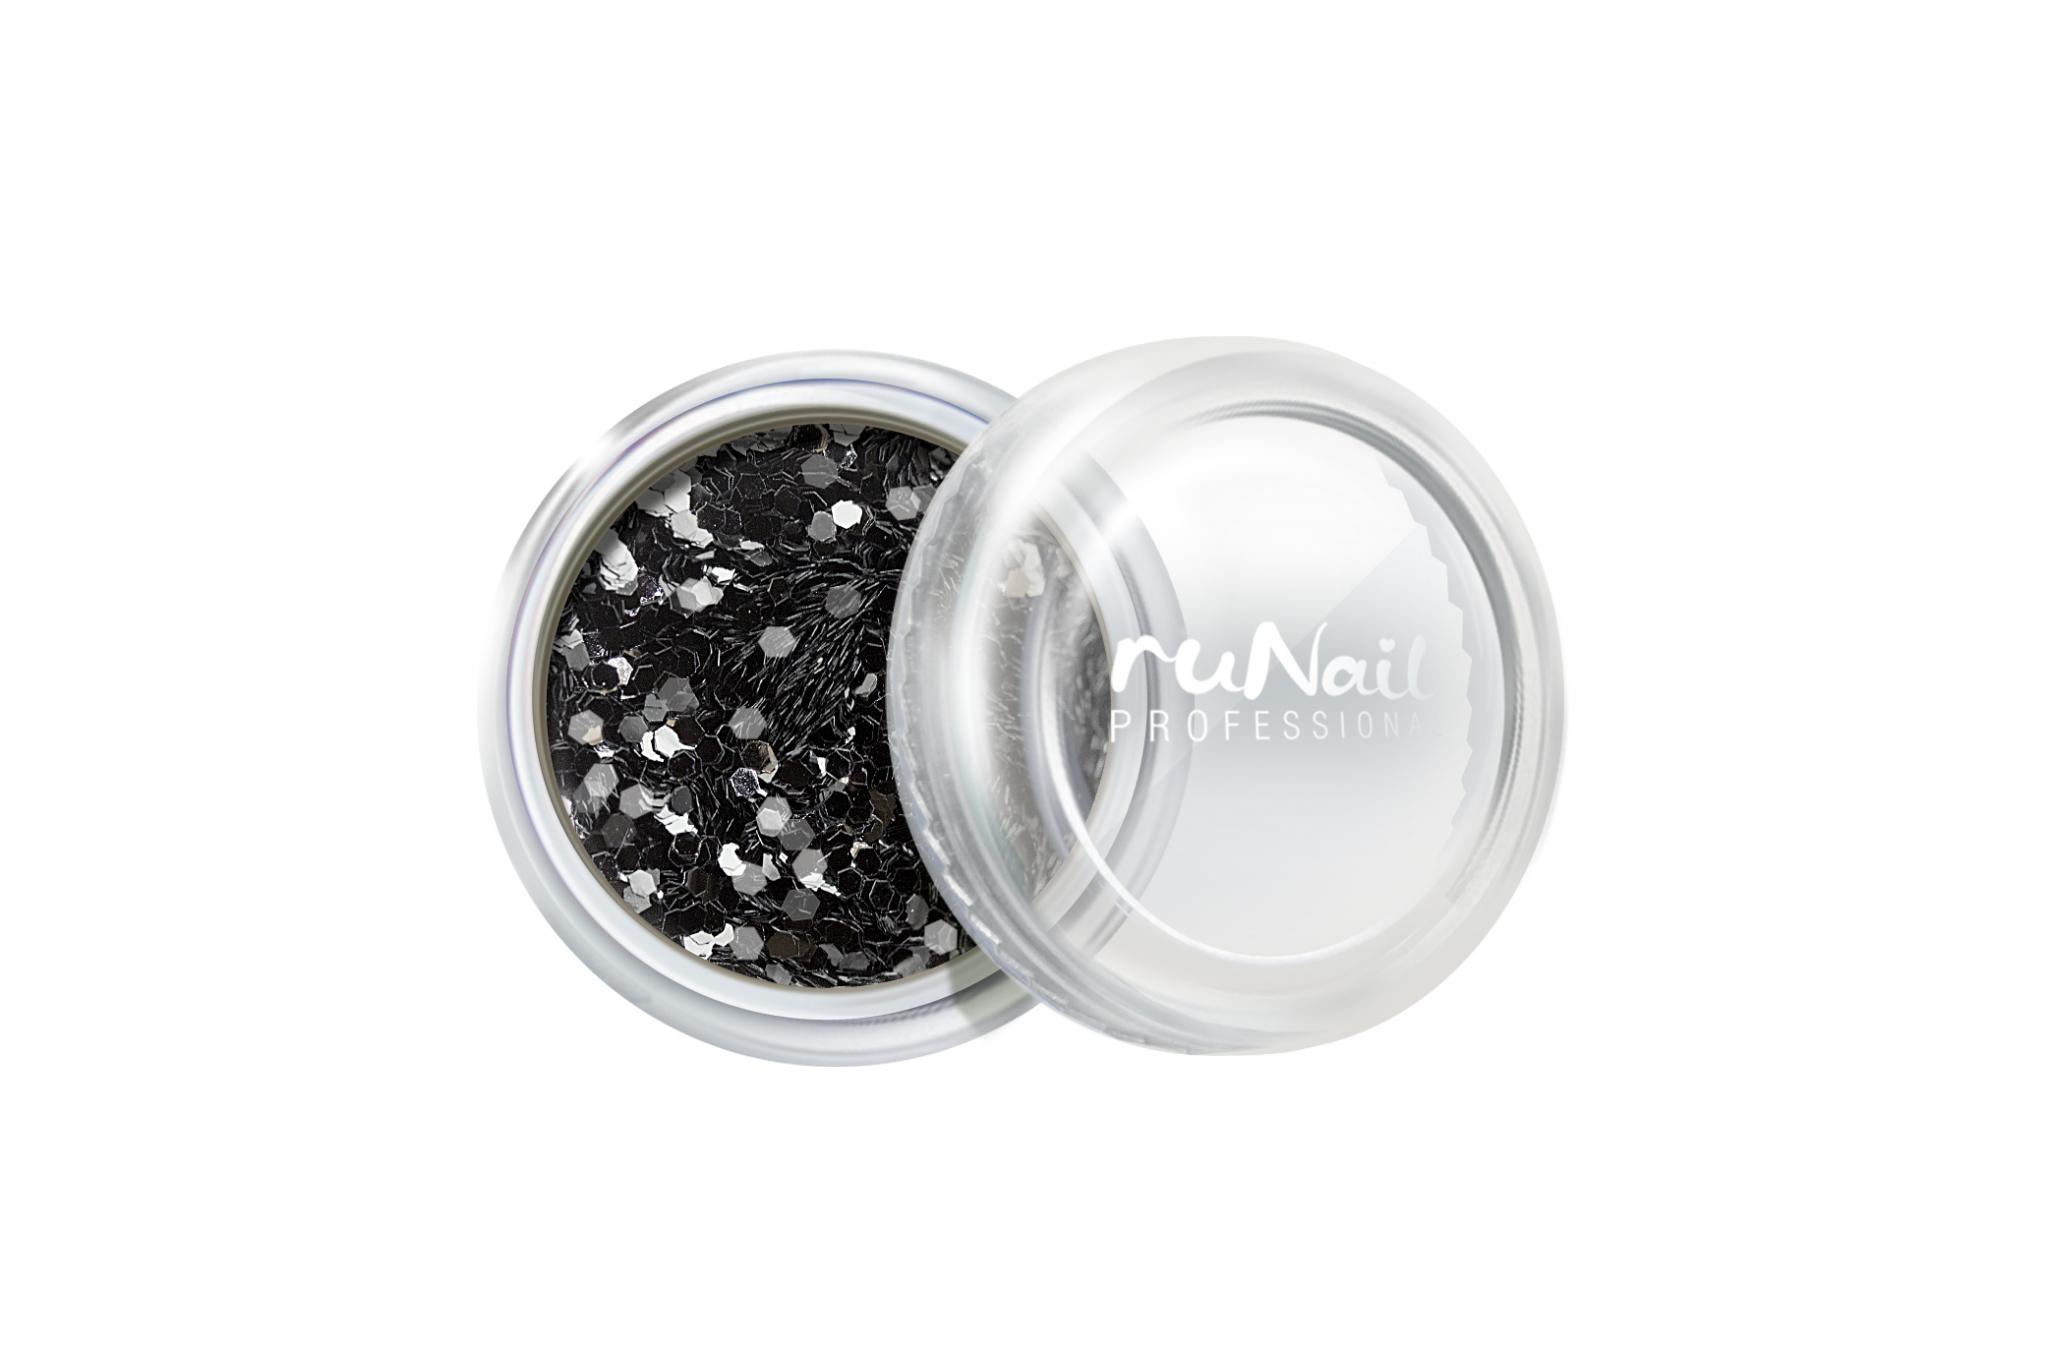 Дизайн для ногтей: конфетти (цвет: черный) № 1995